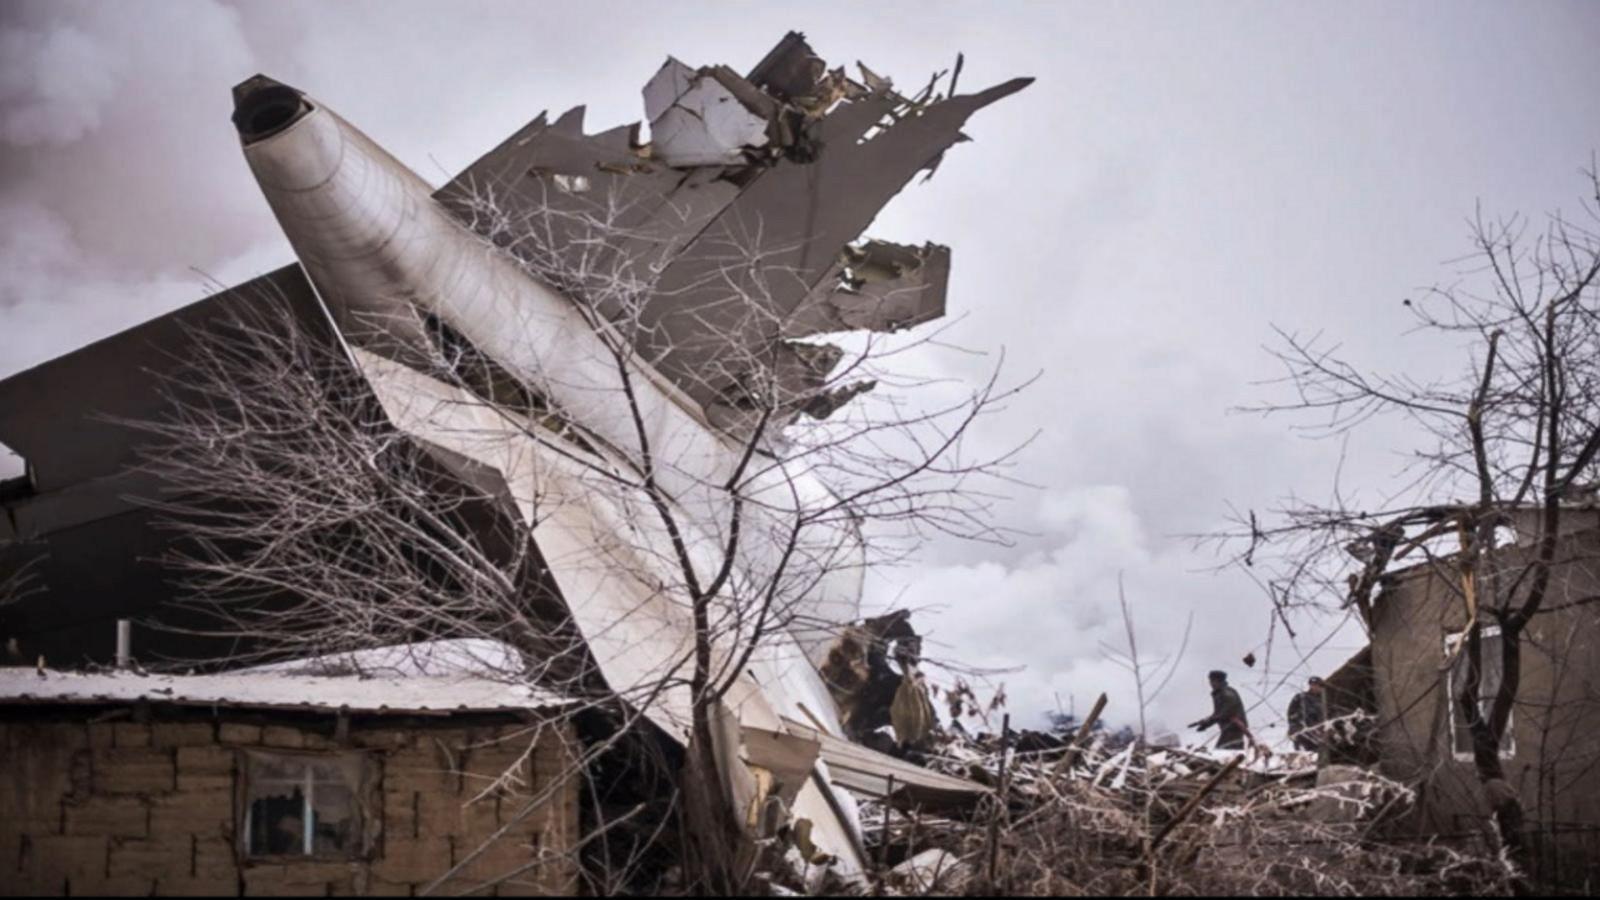 VIDEO: Cargo Plane Crashes in Kyrgyzstan, Killing 33